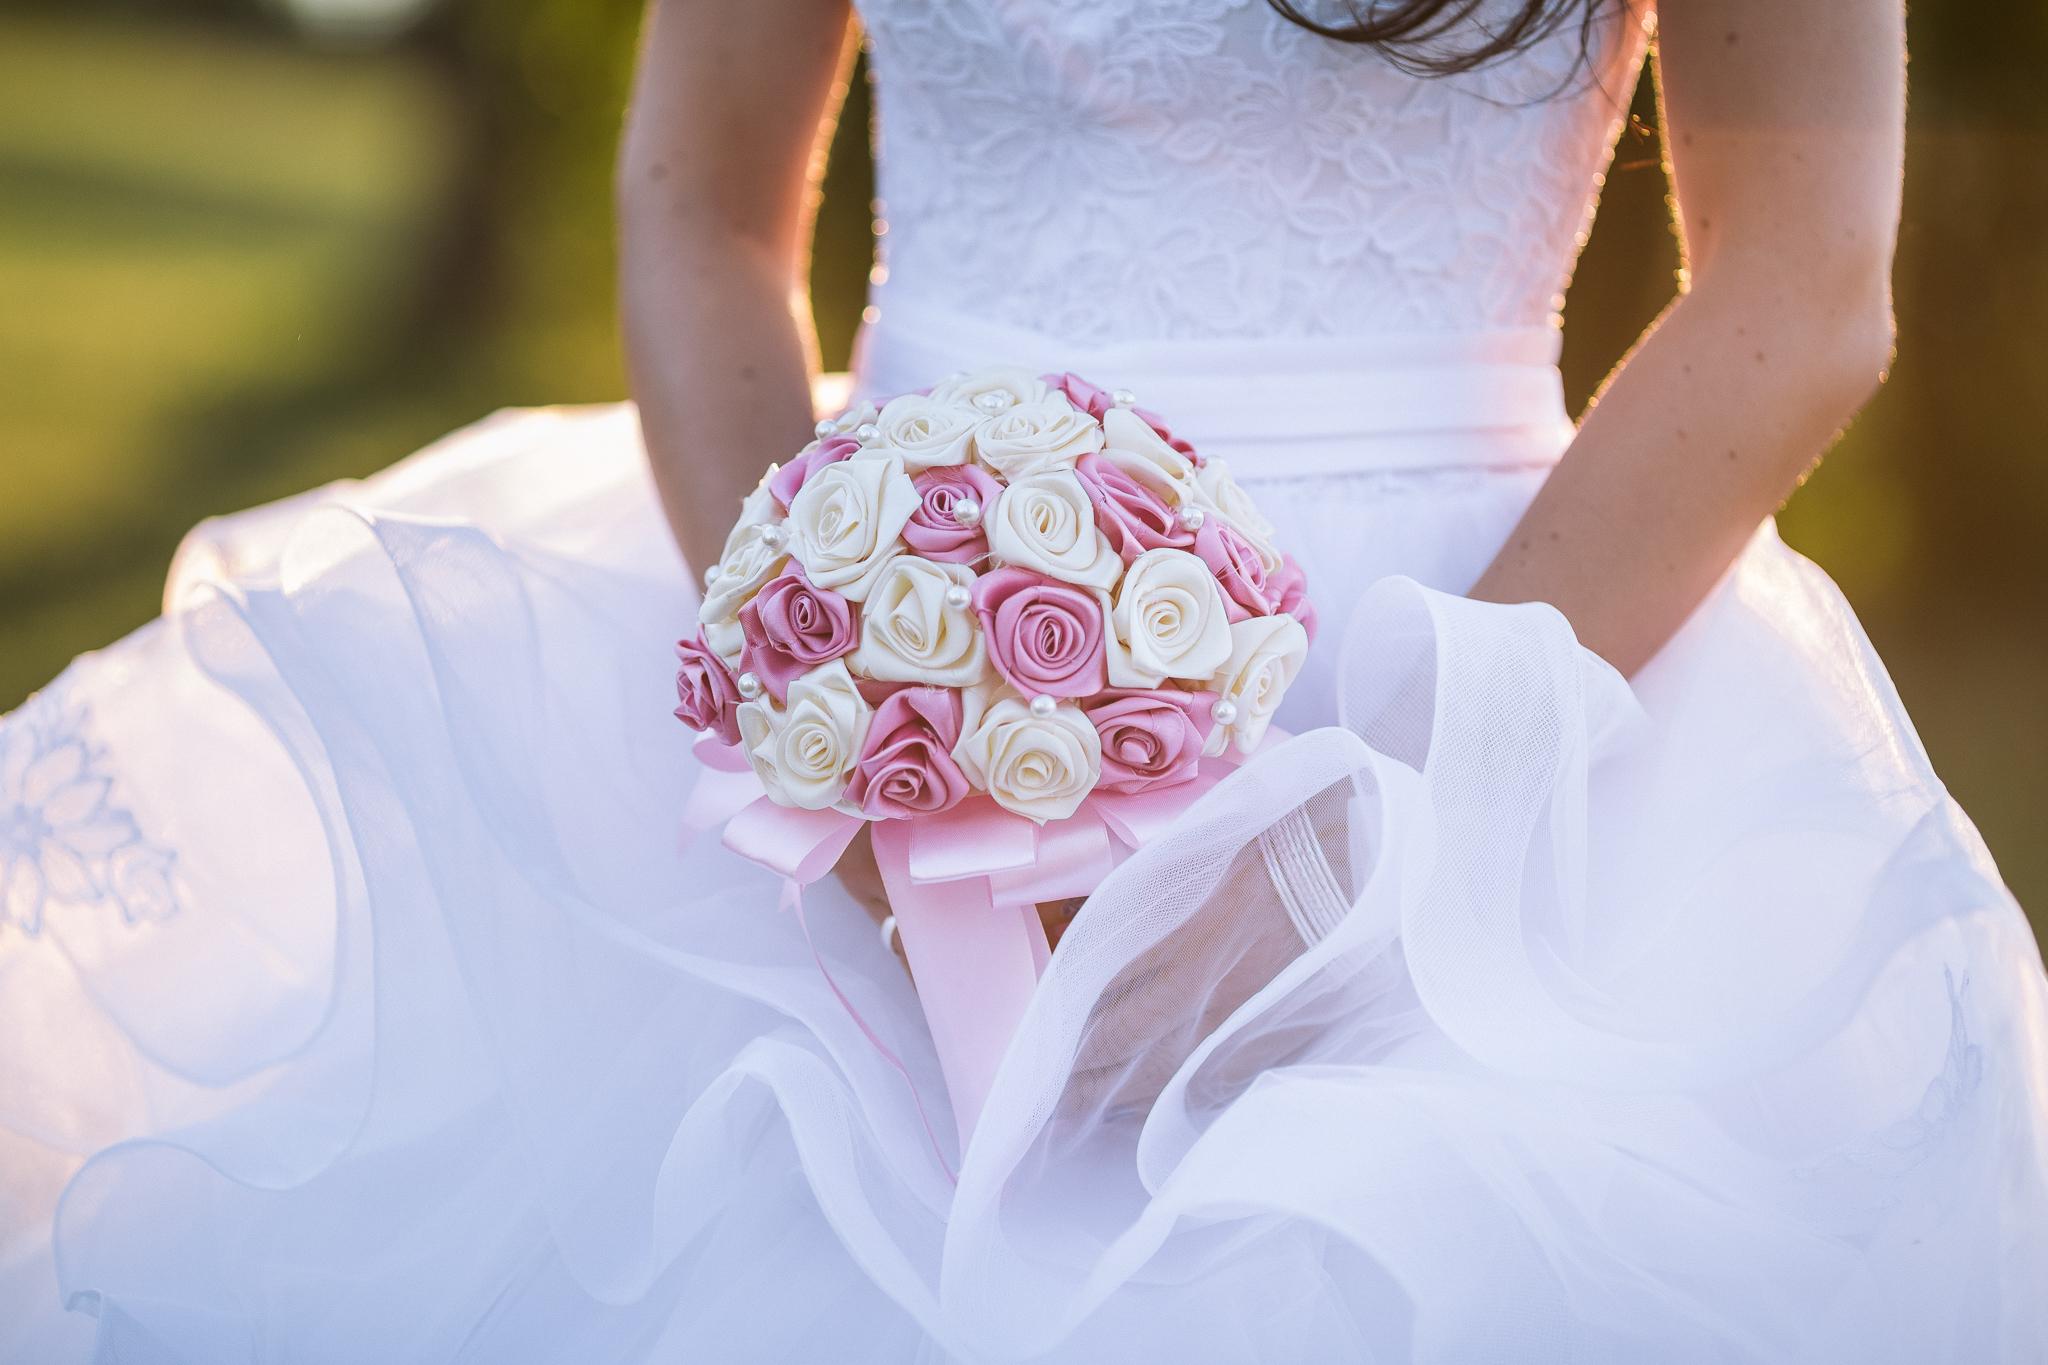 FylepPhoto, esküvőfotózás, magyarország, esküvői fotós, vasmegye, prémium, jegyesfotózás, Fülöp Péter, körmend, kreatív 4.jpg